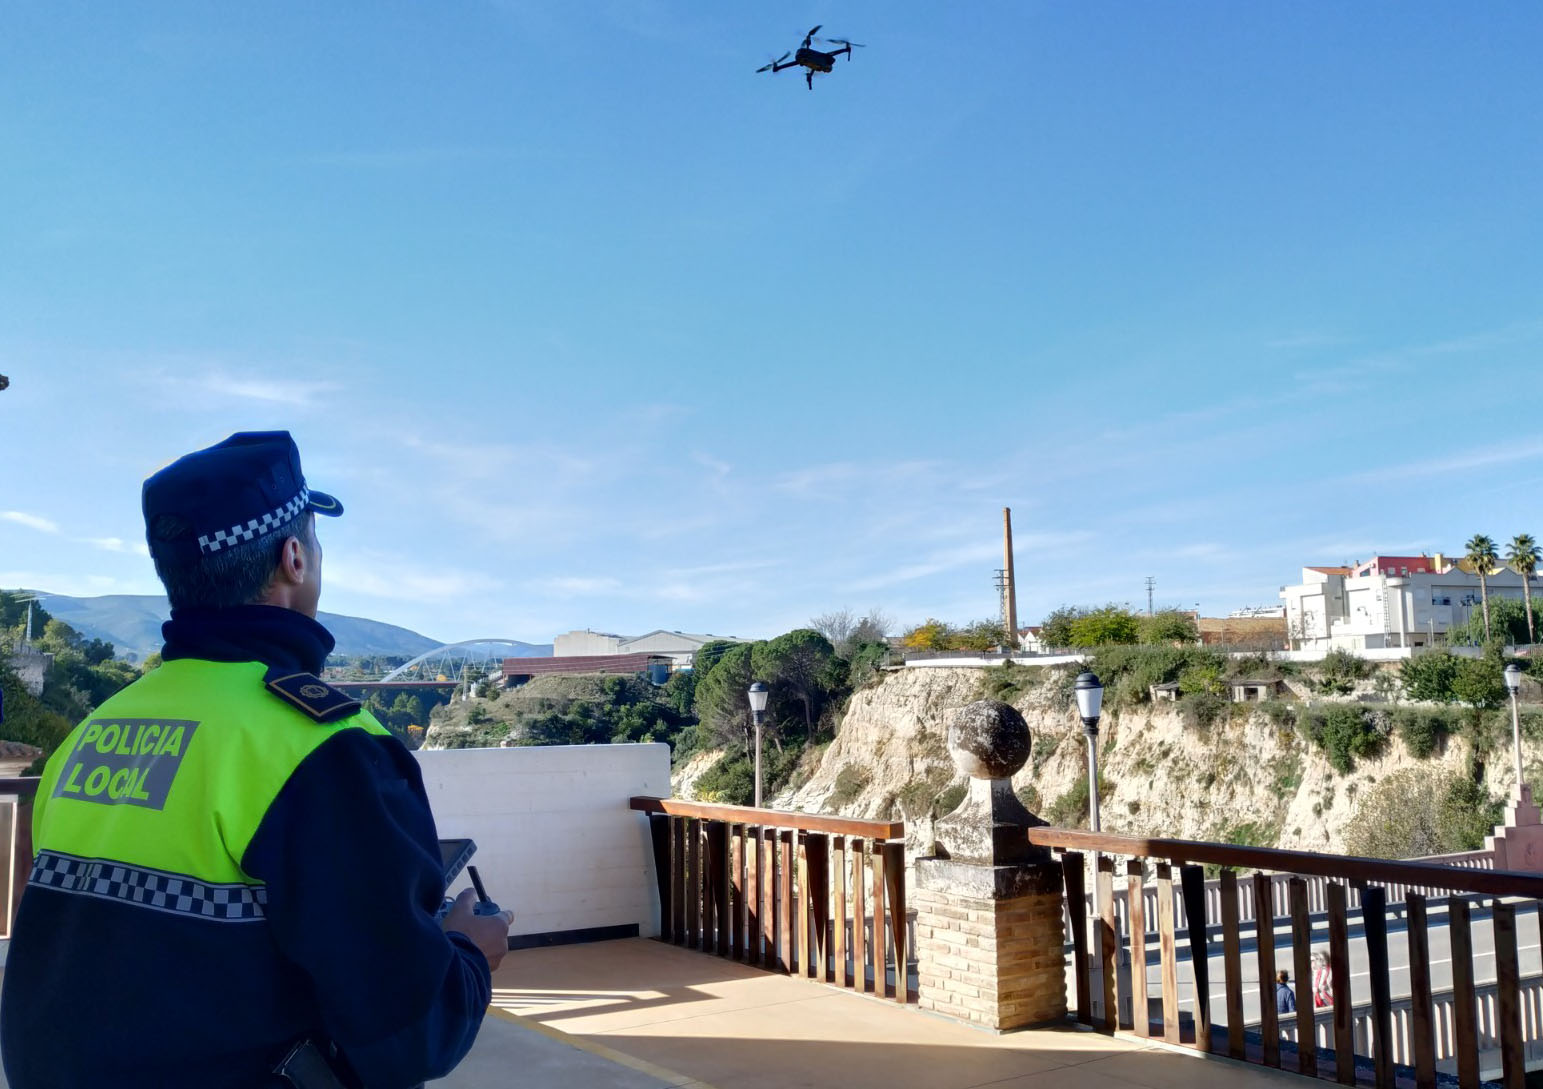 Dos drons ajudaran a millorar la seguretat i la resposta a l'emergència El Periòdic d'Ontinyent